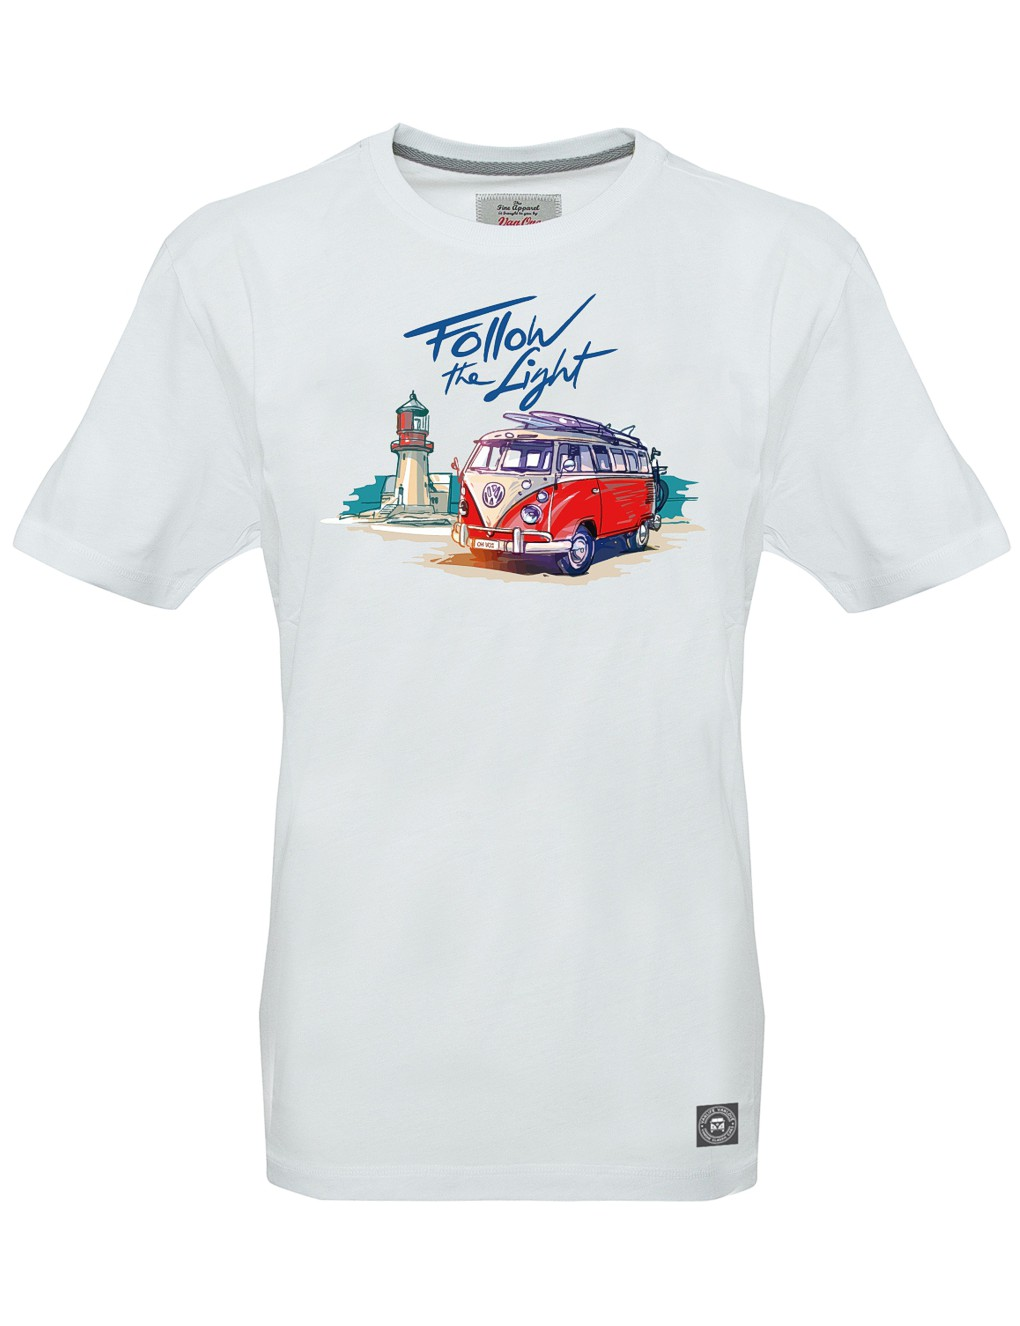 Herren T-Shirt VW Bulli »FOLLOW THE LIGHT« Weiß